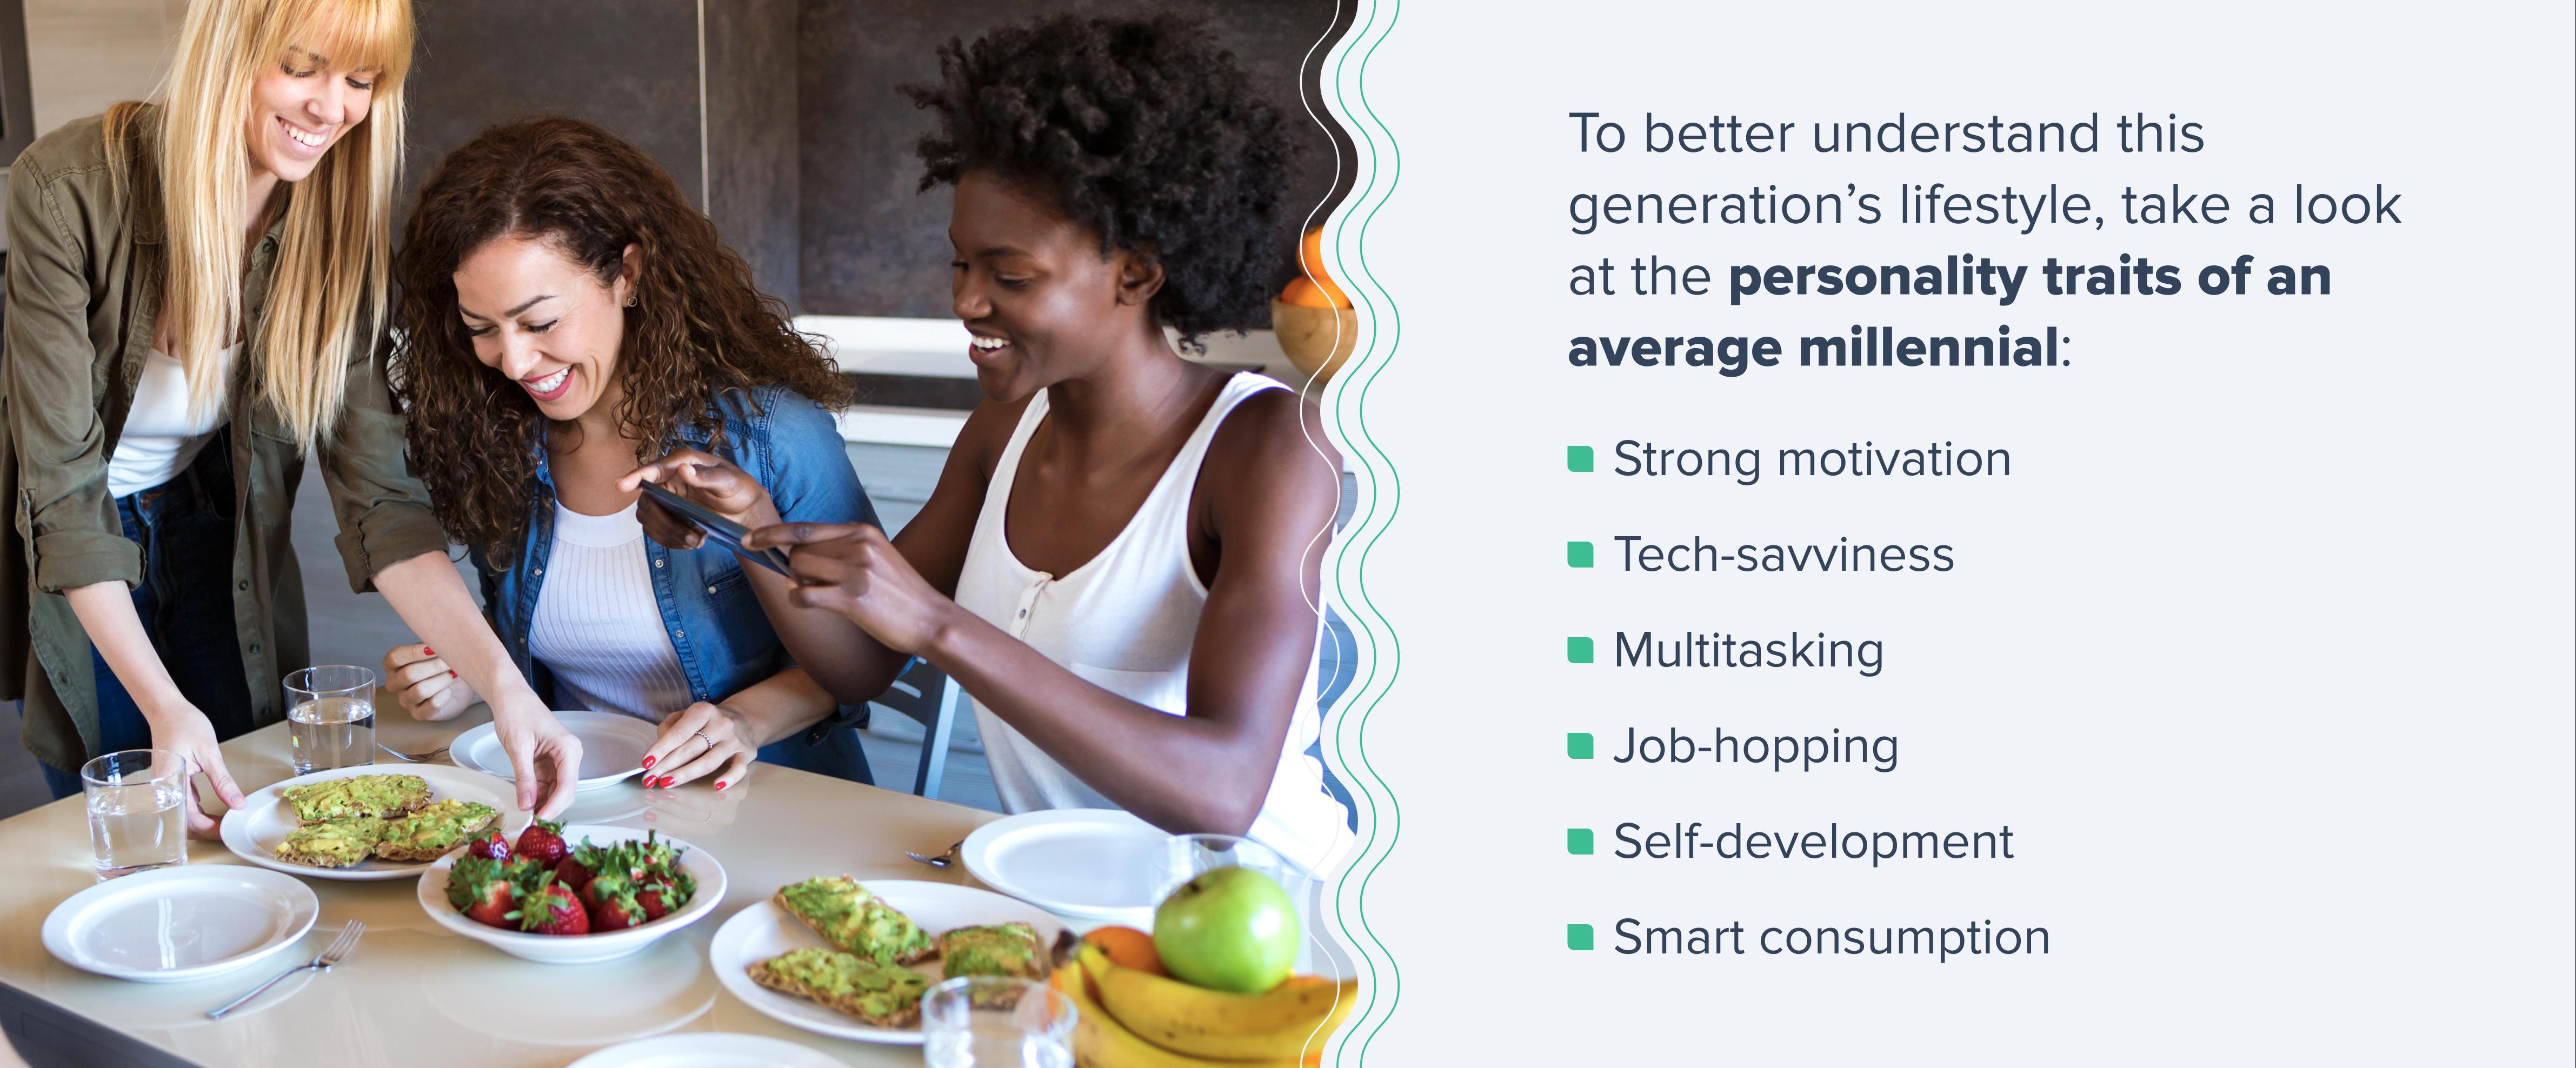 traits of an average millennial: motivation, tech savviness, multitasking, job-hopping, self-development, smart consumption